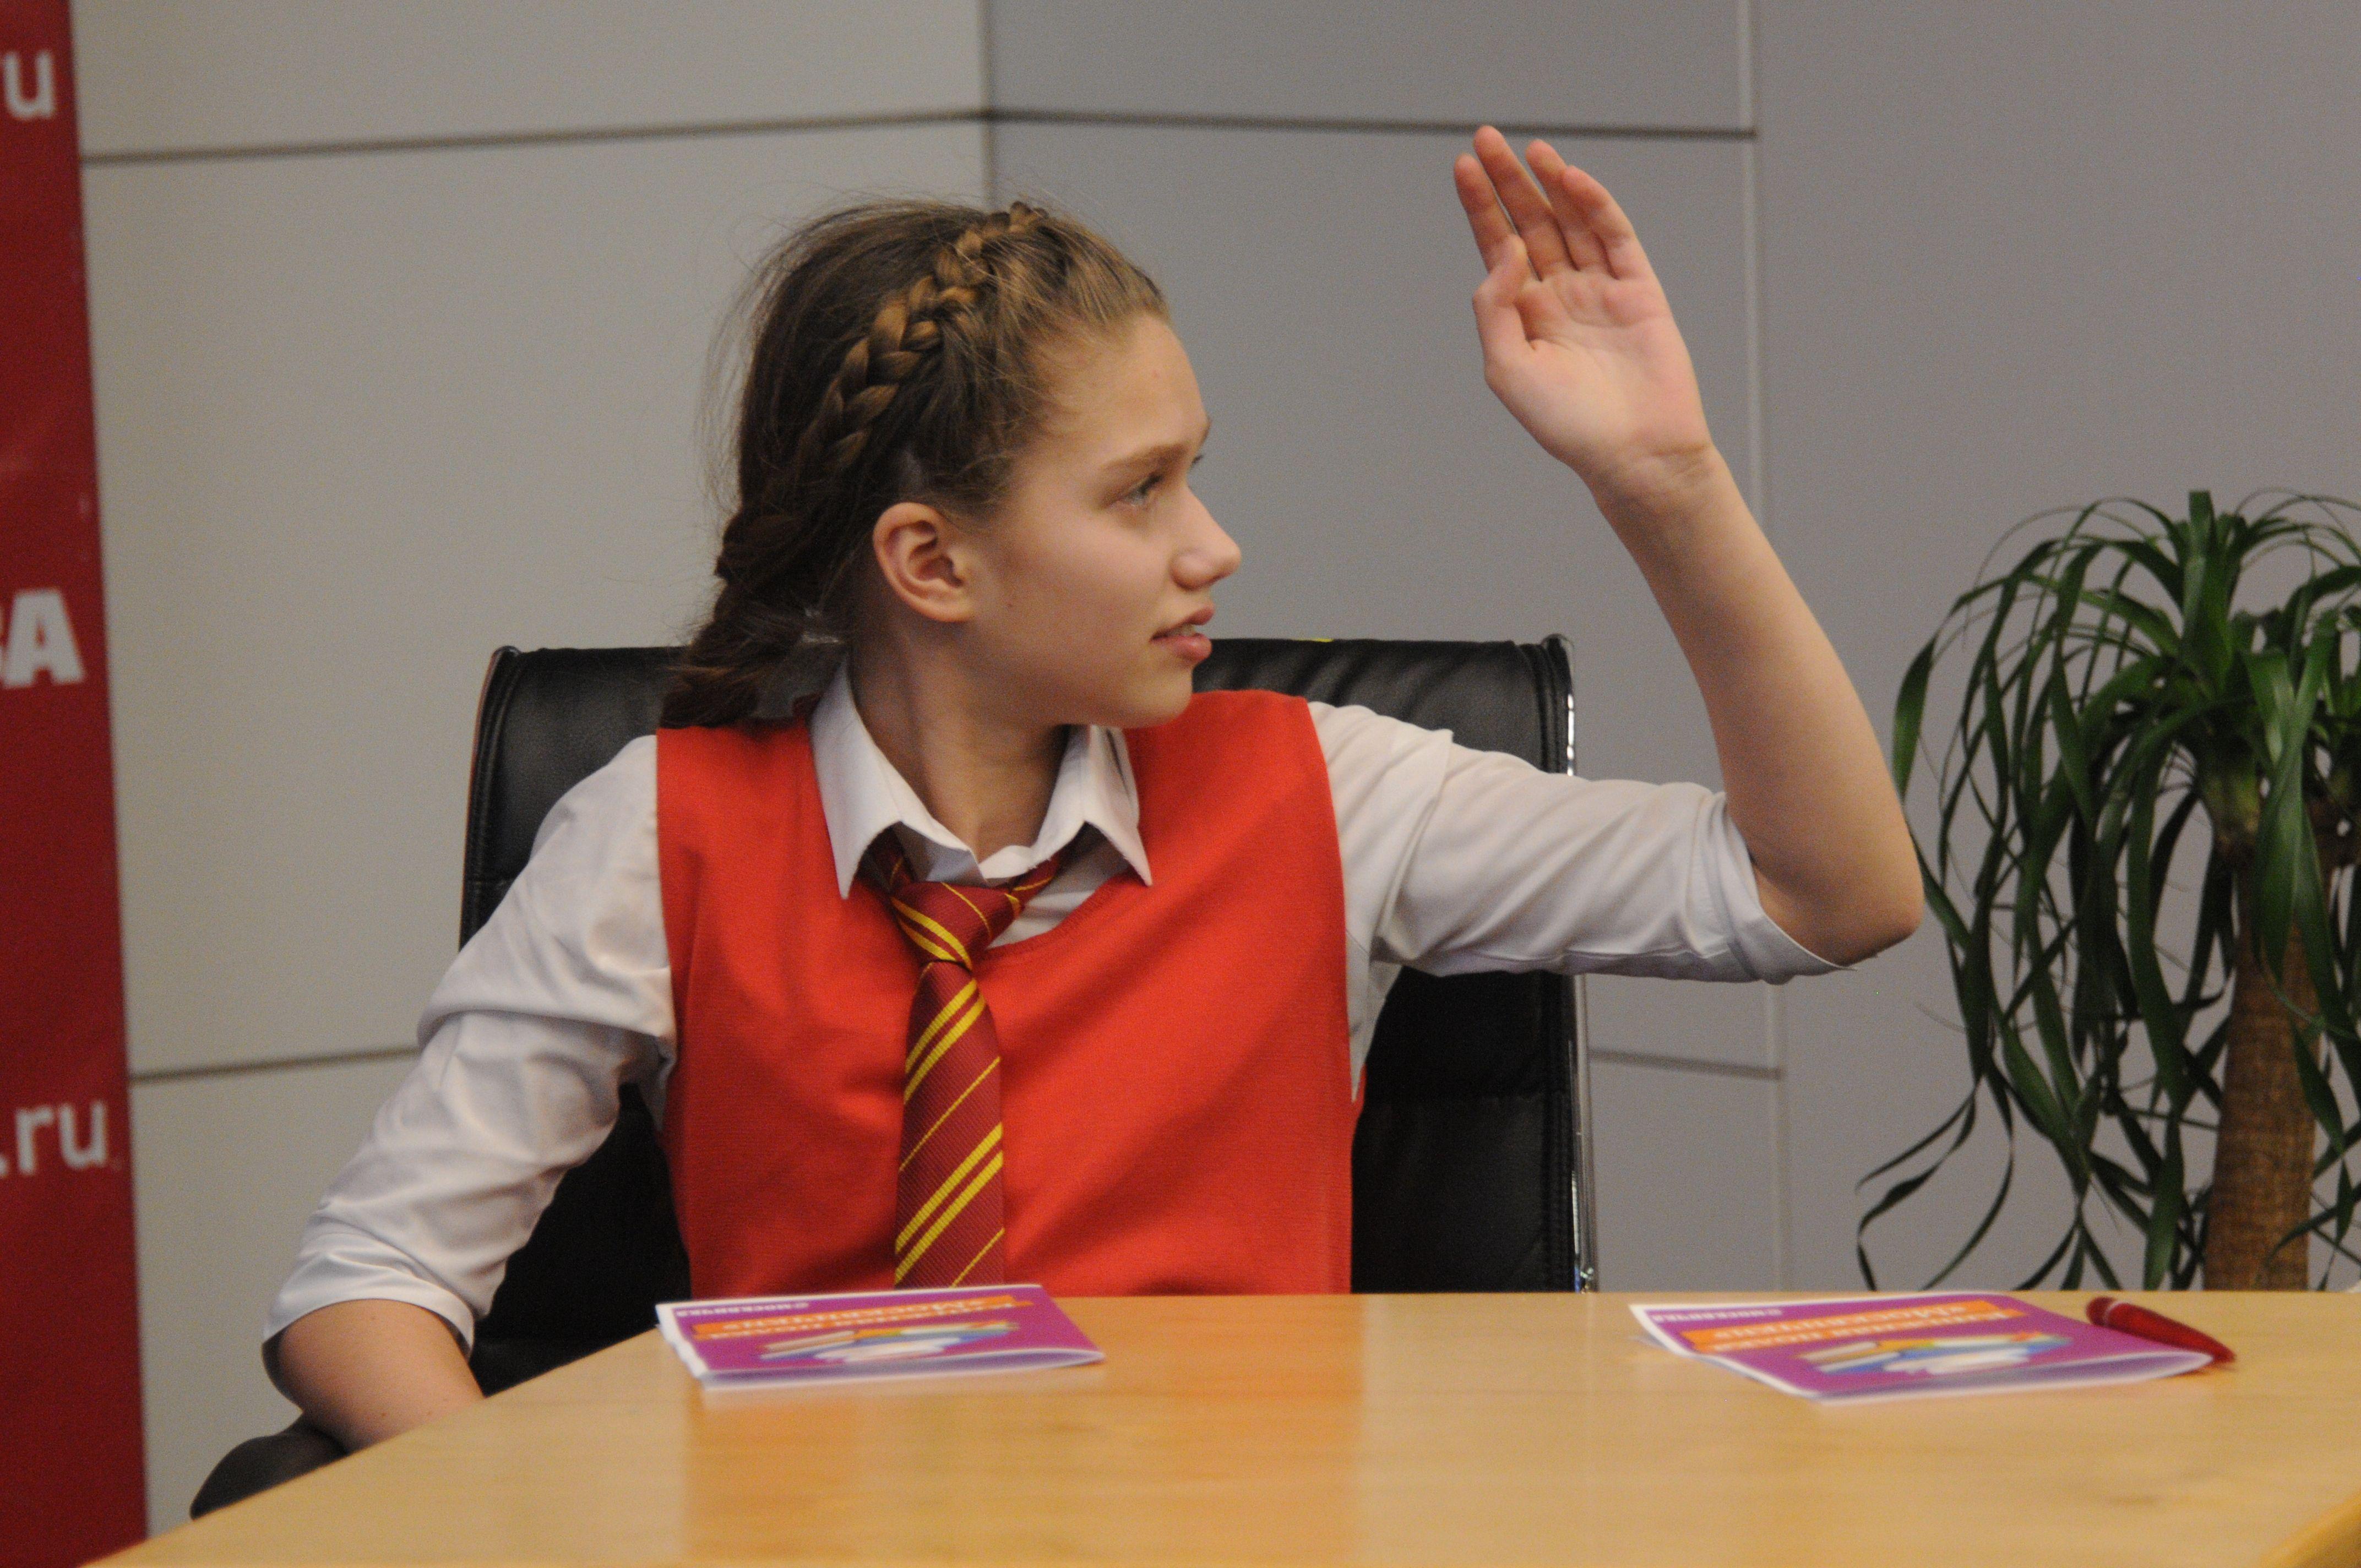 Викторину «Утренний компот» проведут для детей из Новой Москвы в прямом эфире